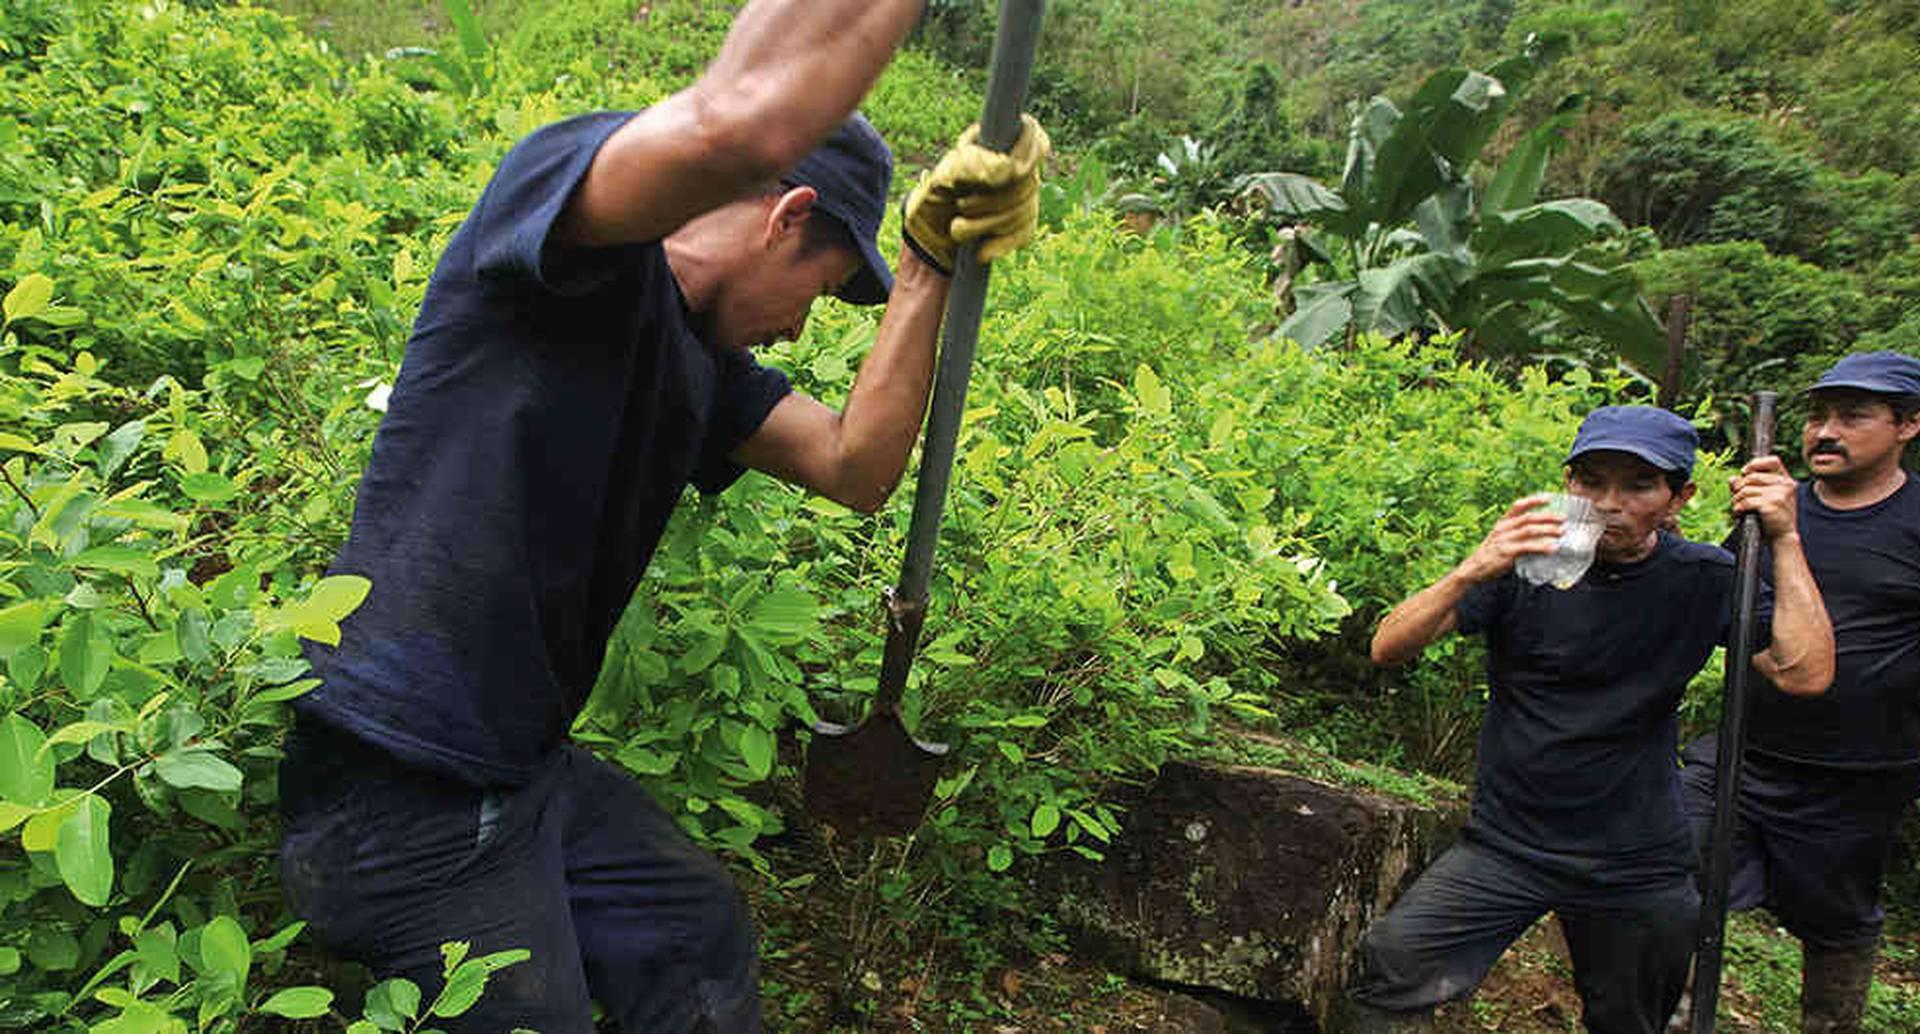 En 2019, la fuerza pública reportó 94.600 hectáreas de coca erradicadas, superando el objetivo de 80.000. Para este año determinaron una meta de 130.000.